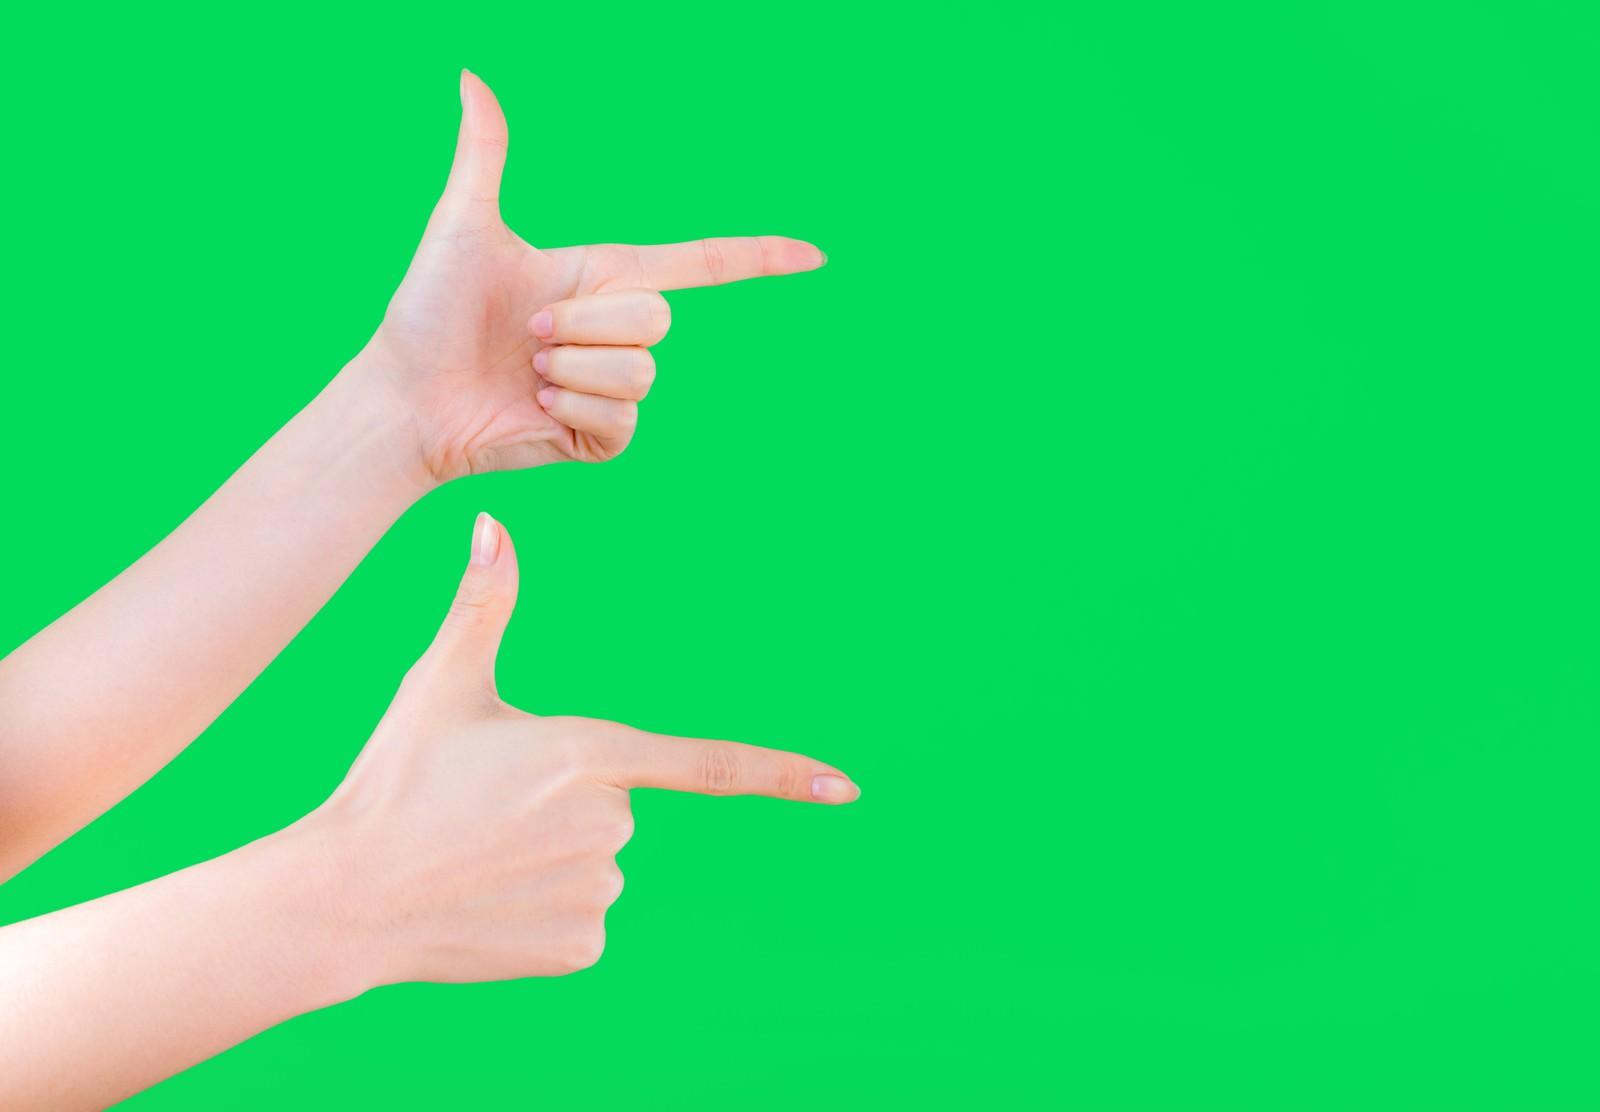 「【ブリーンバック】両手でゲッツポーズ【ブリーンバック】両手でゲッツポーズ」[モデル:MOA]のフリー写真素材を拡大